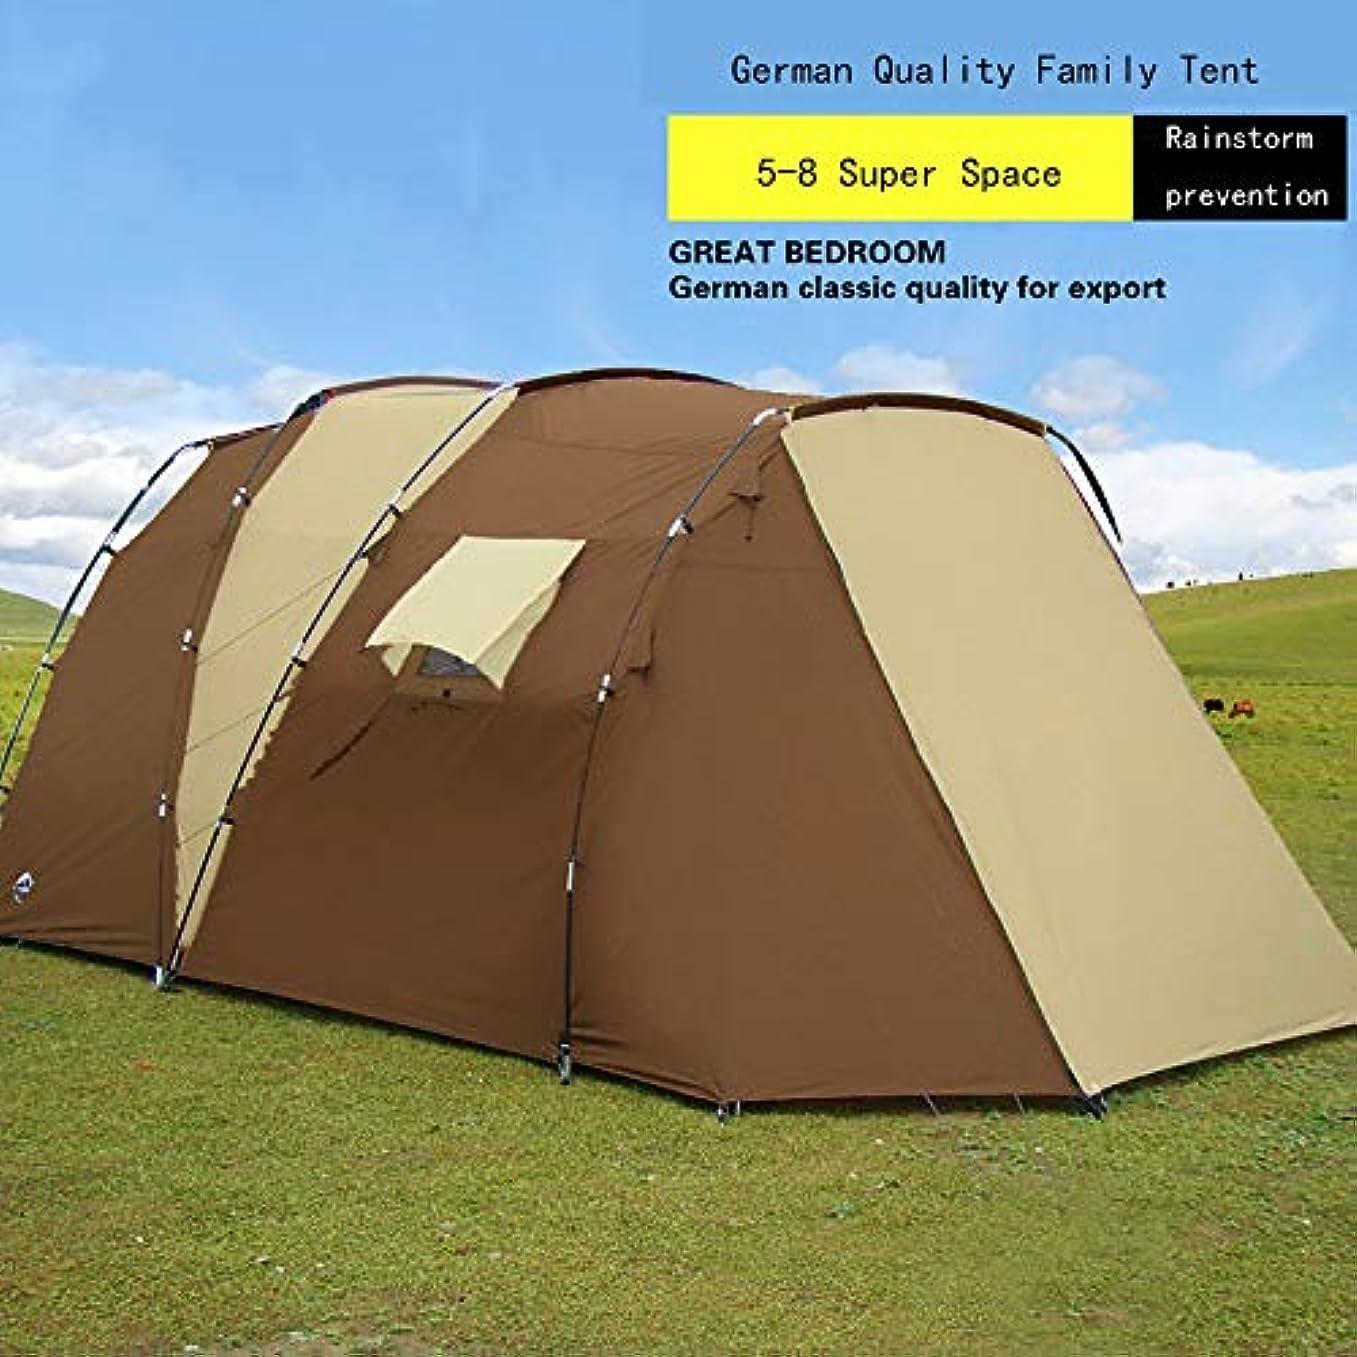 ポータル認可苦難多人数屋外テント、ビーチシェードテント、二層防風キャンプキャンプテント、5-8人のテントポータブルハイキングキャンプビーチクライミングシェルター